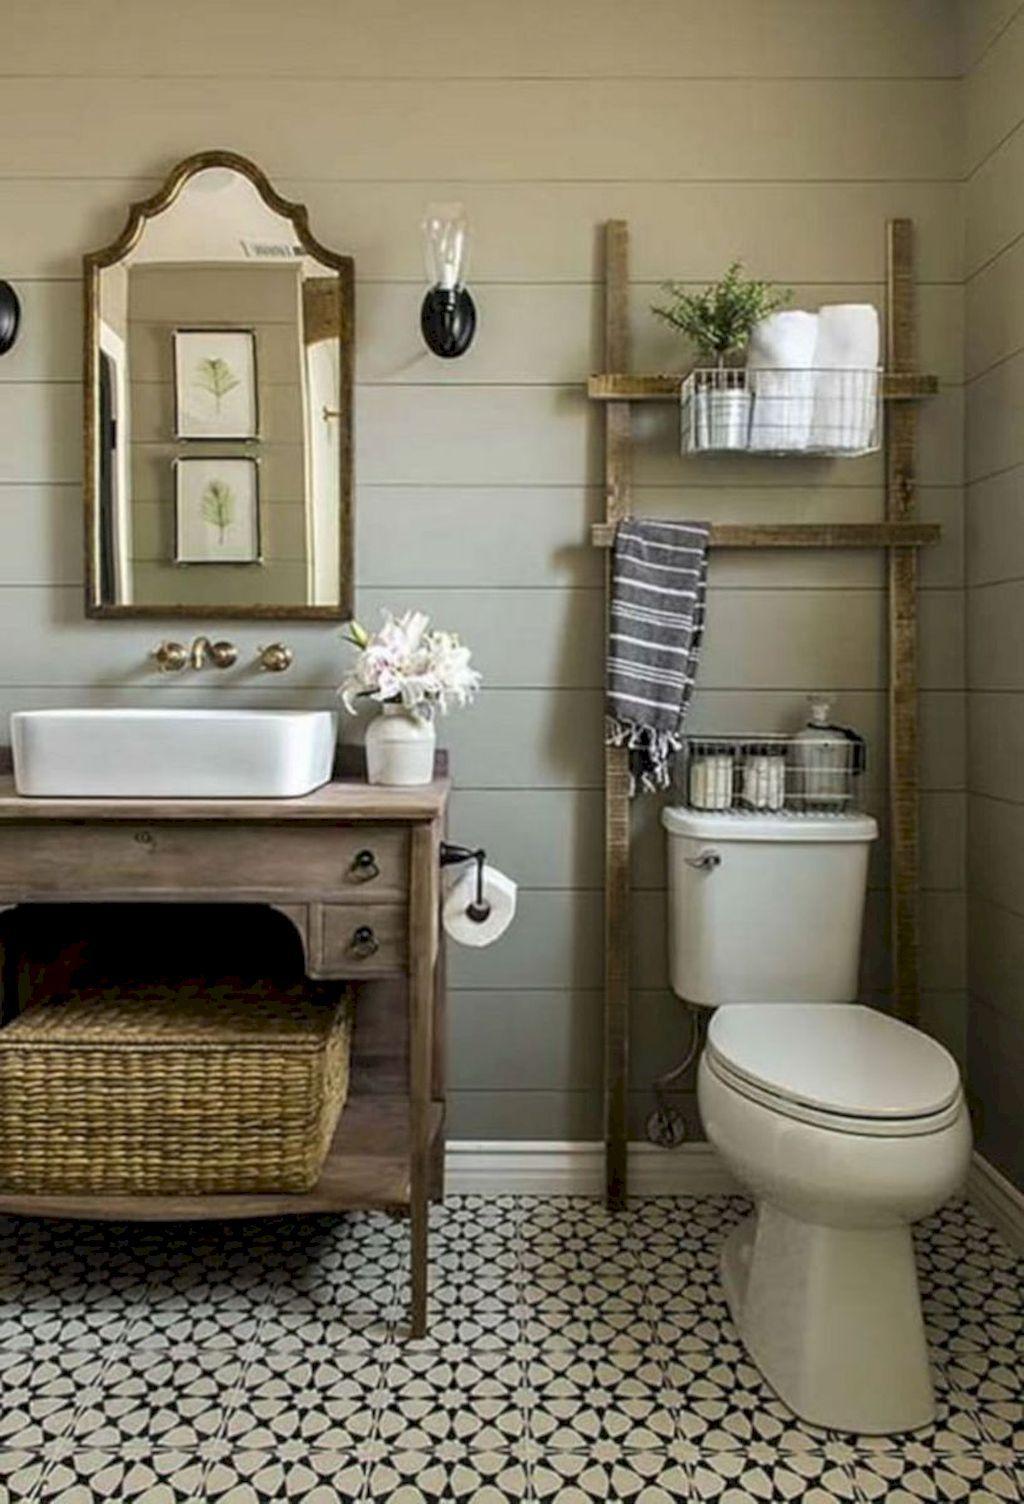 25-Farmhouse-Rustic-Master-Bathroom-Remodel-Ideas.jpg